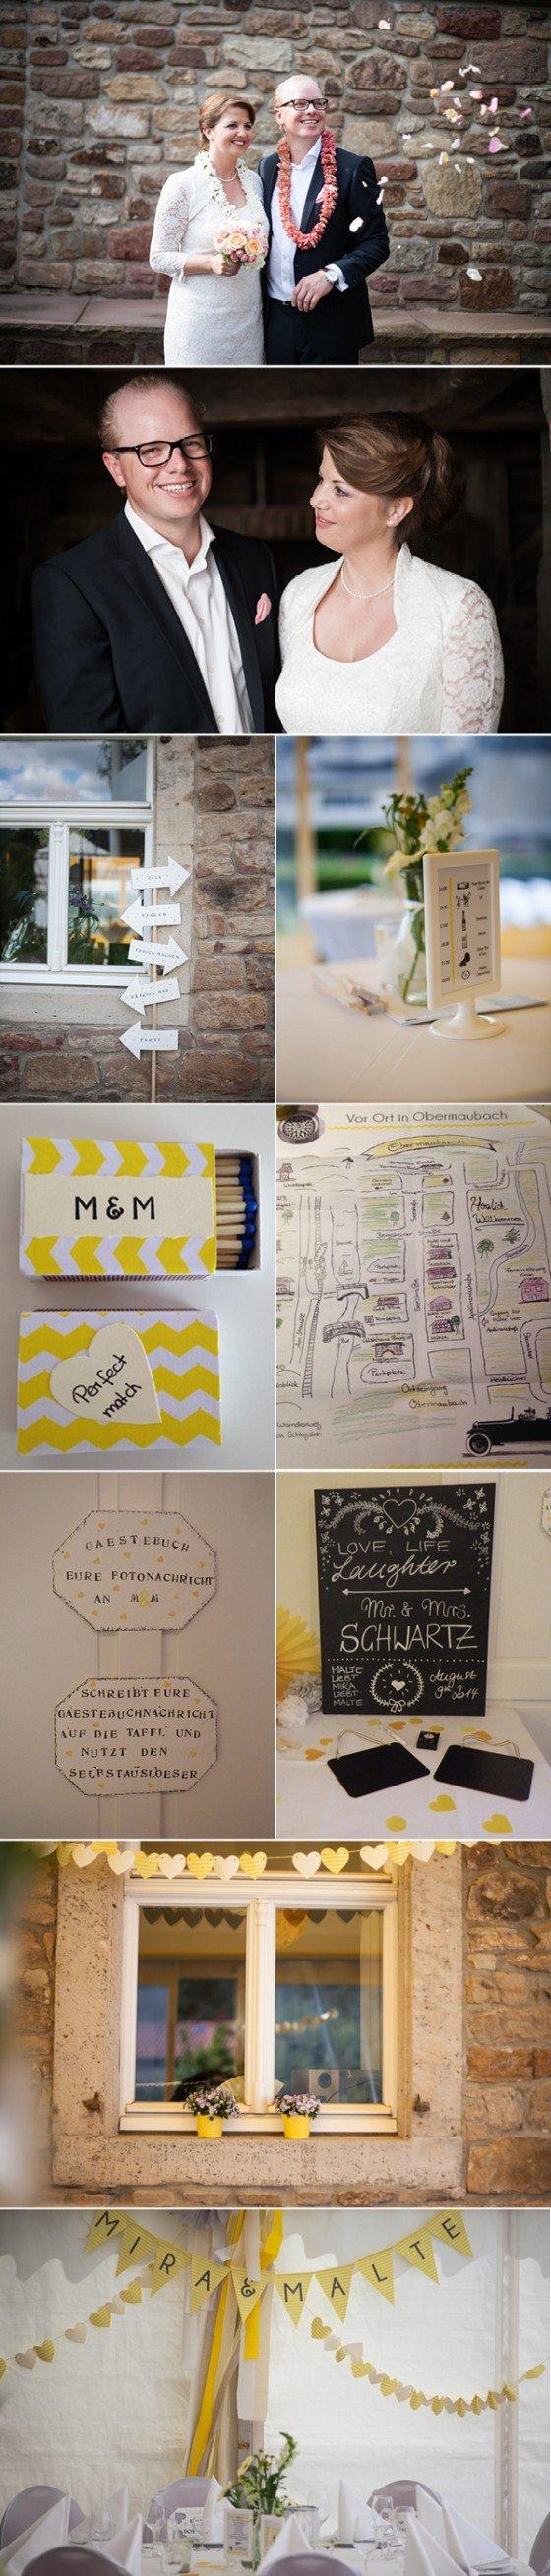 Ganz schön praktisch: Hochzeitserinnerungen, gesammelt von Gästen und Brautpaar